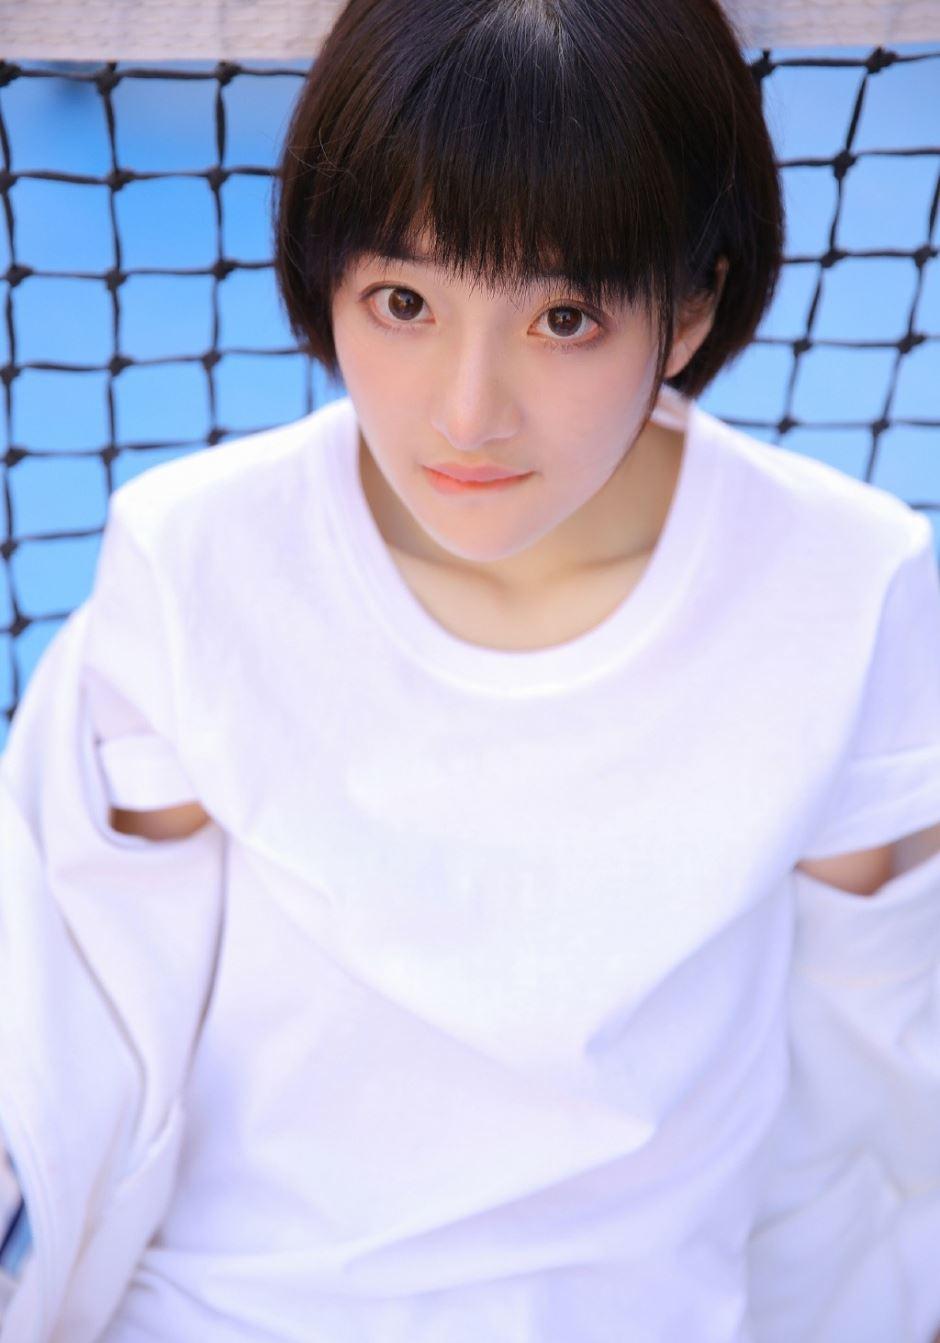 网球场运动装长相清纯可爱短发美女写真图片